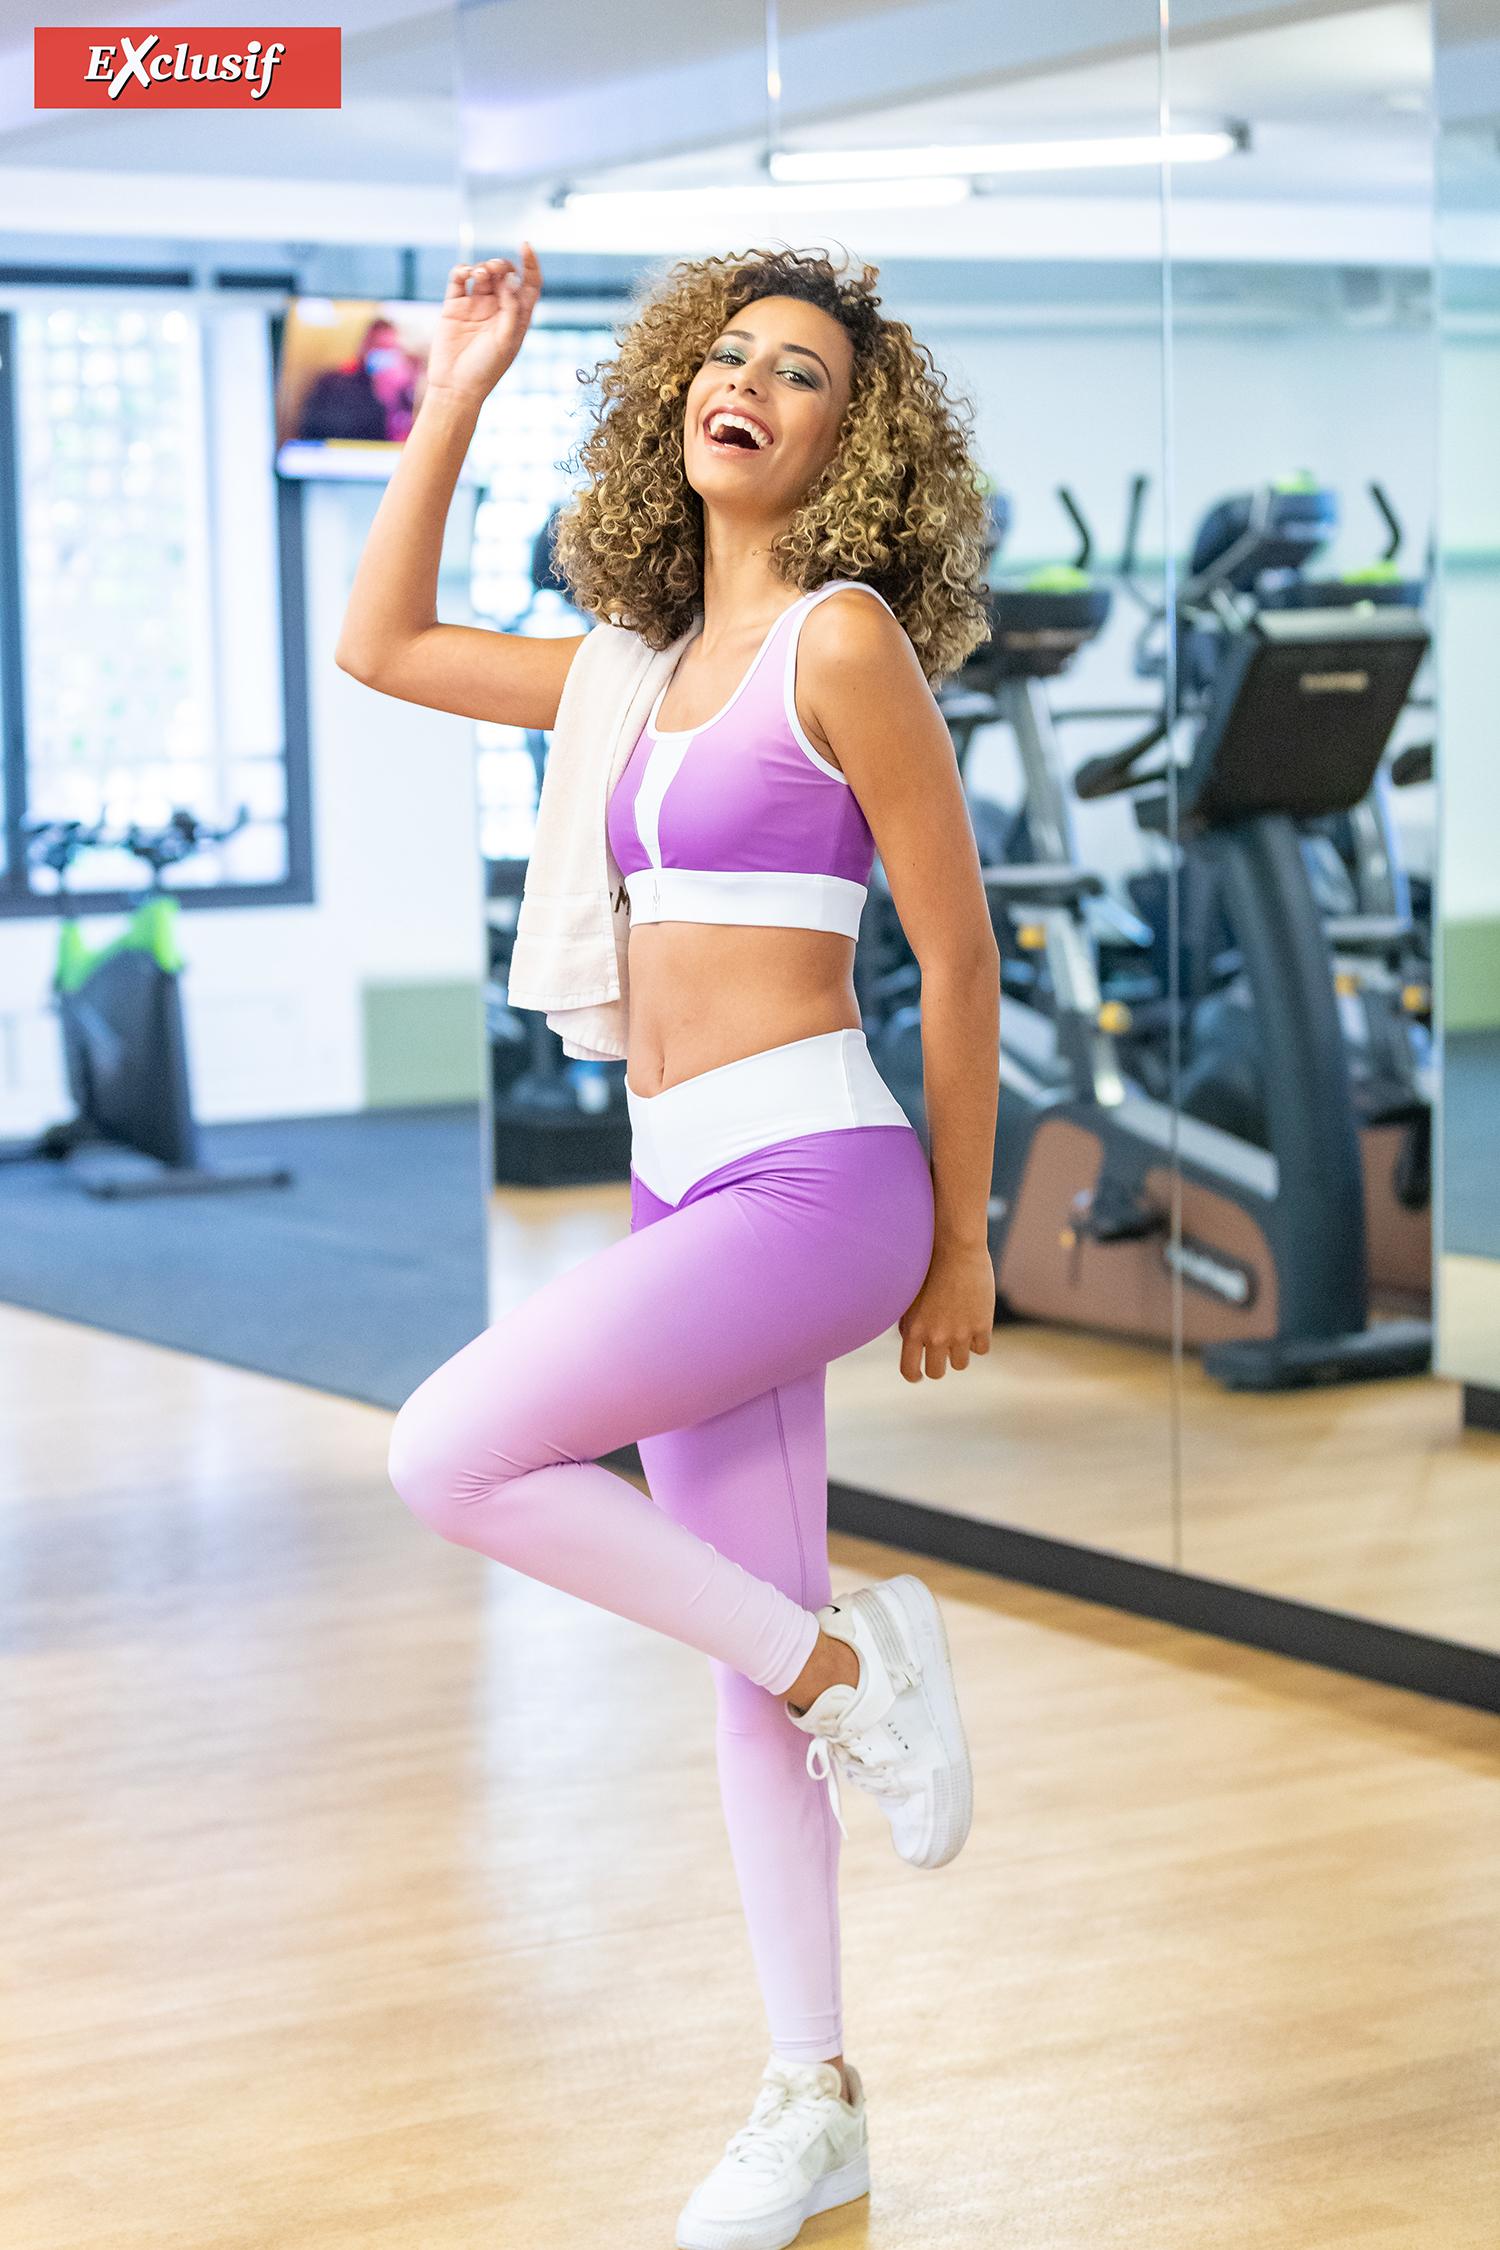 Elle fait du crossfit deux à trois fois par semaine, en alternant avec des séances sport chez Muta Zen